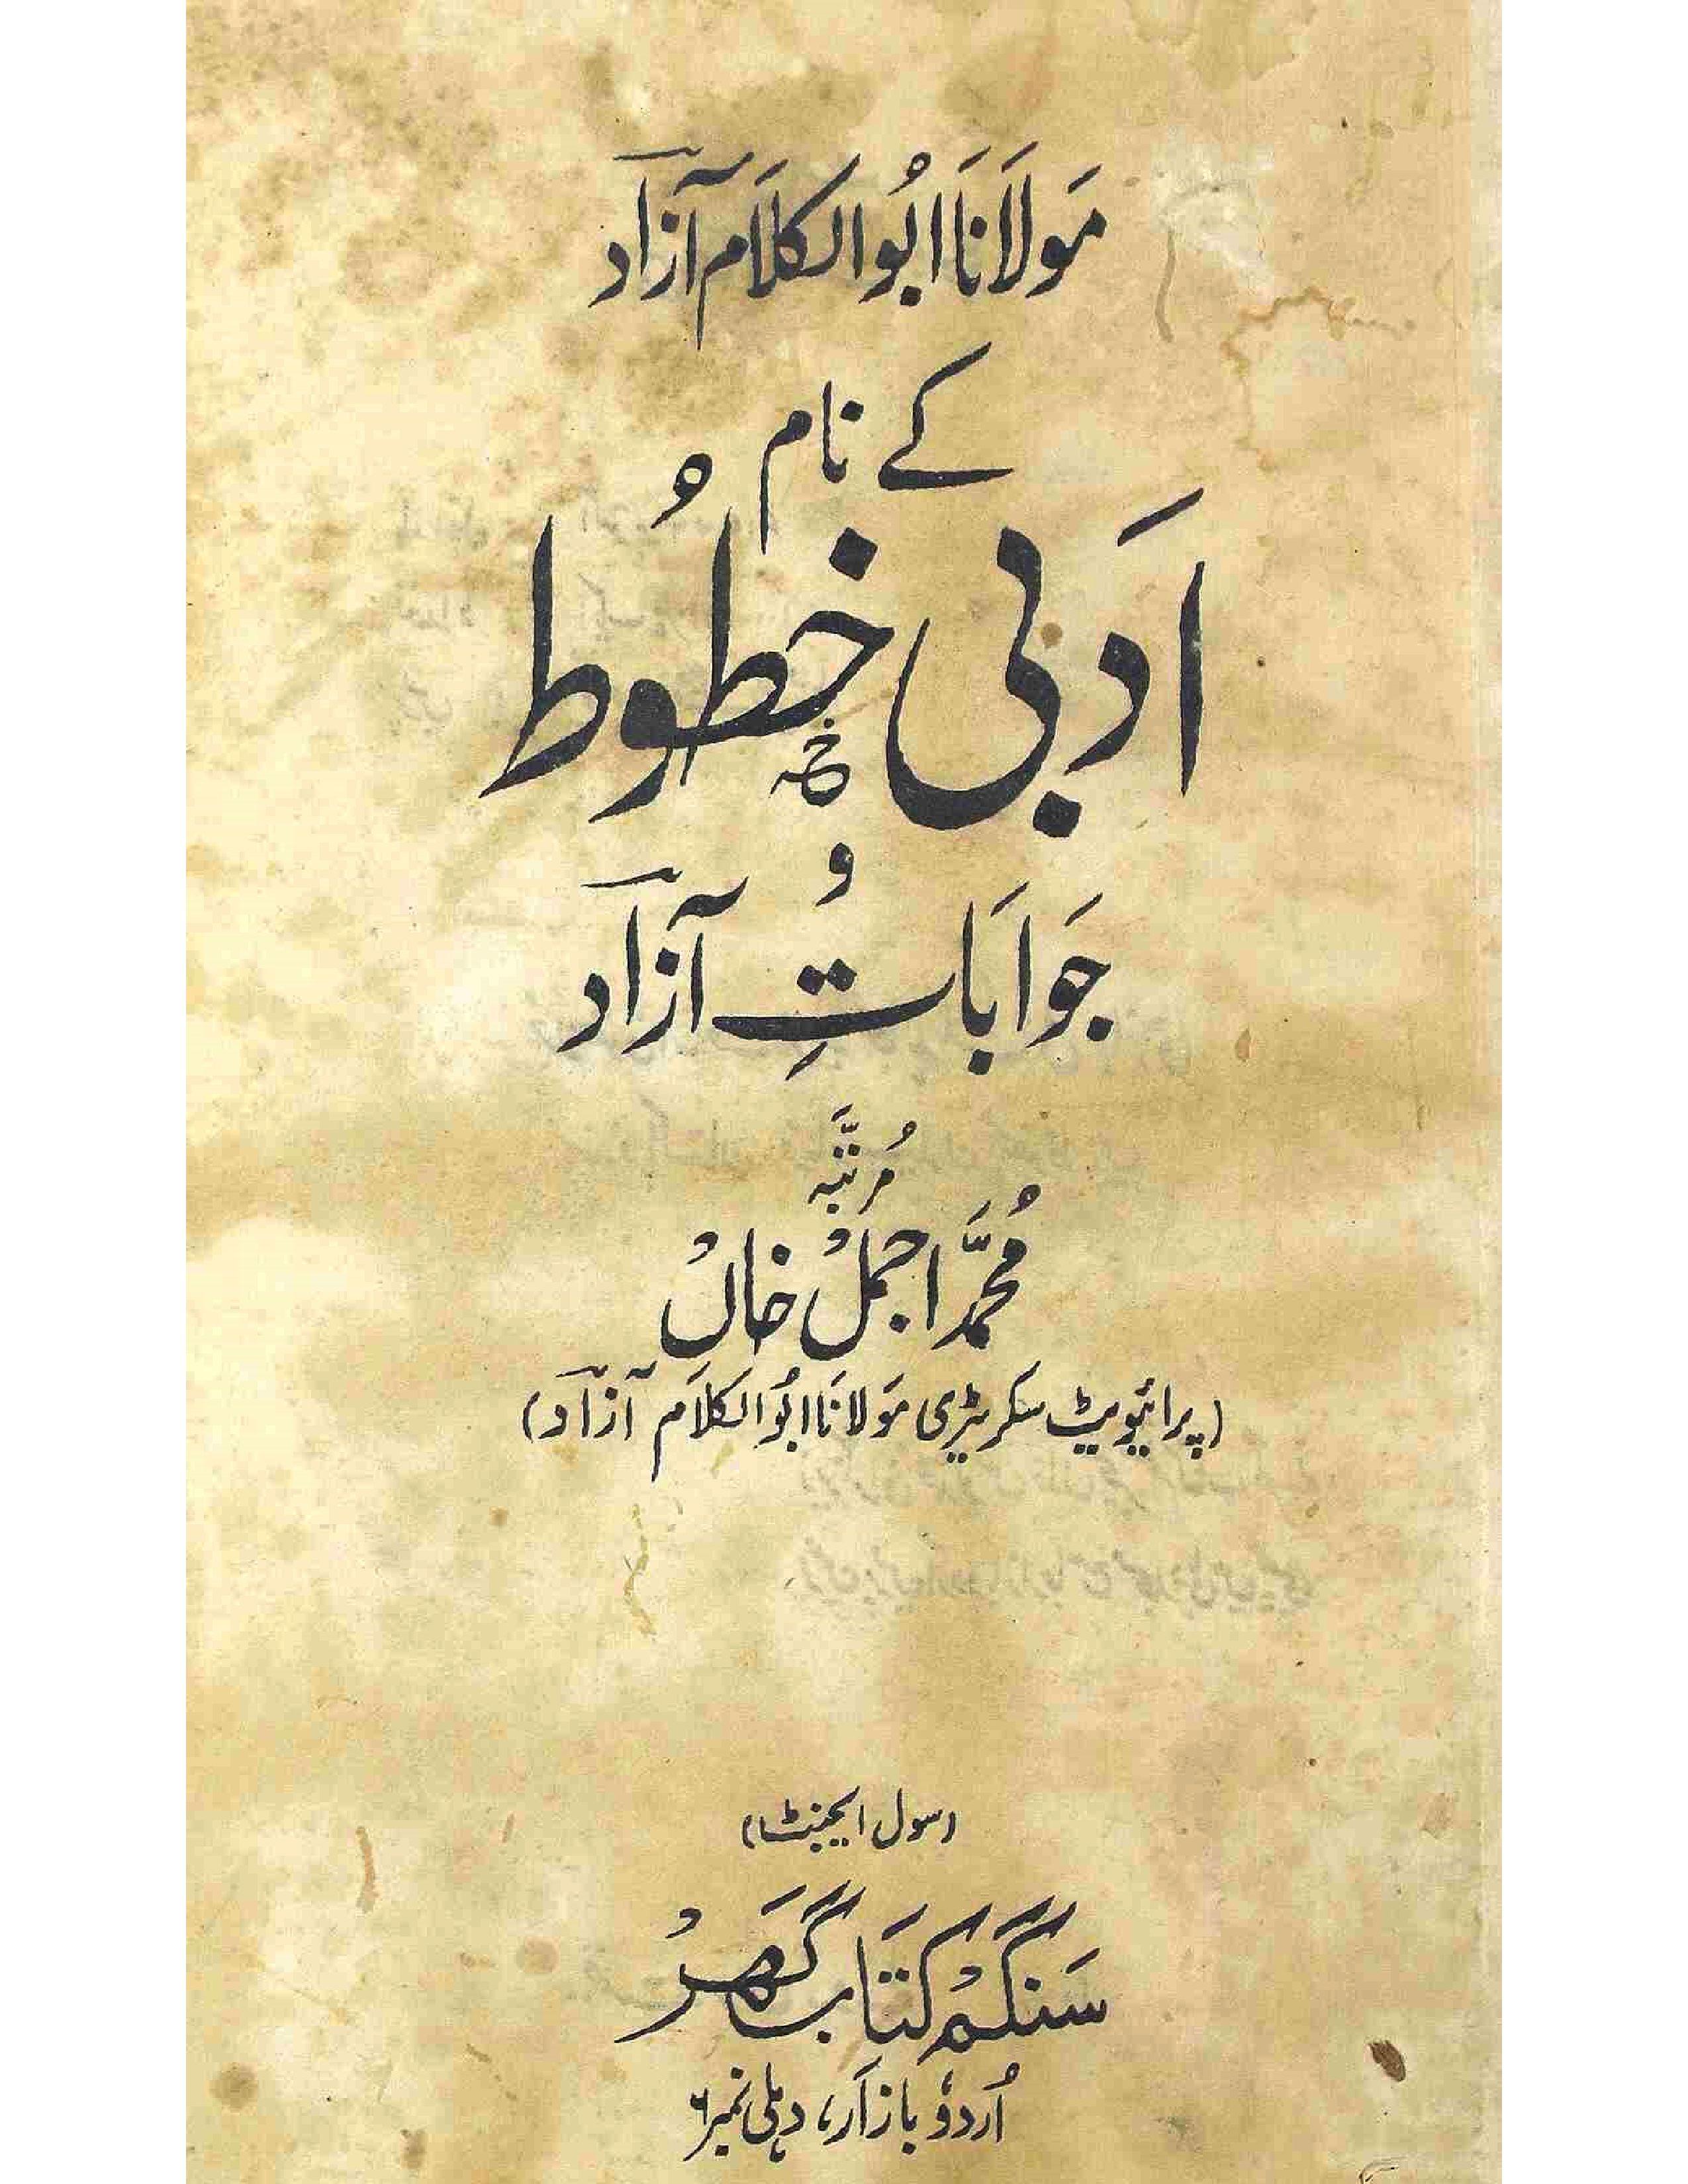 Maulana Abul Kalam Azad Ke Naam Adabi Khutoot-o-Jawabat-e-Azad